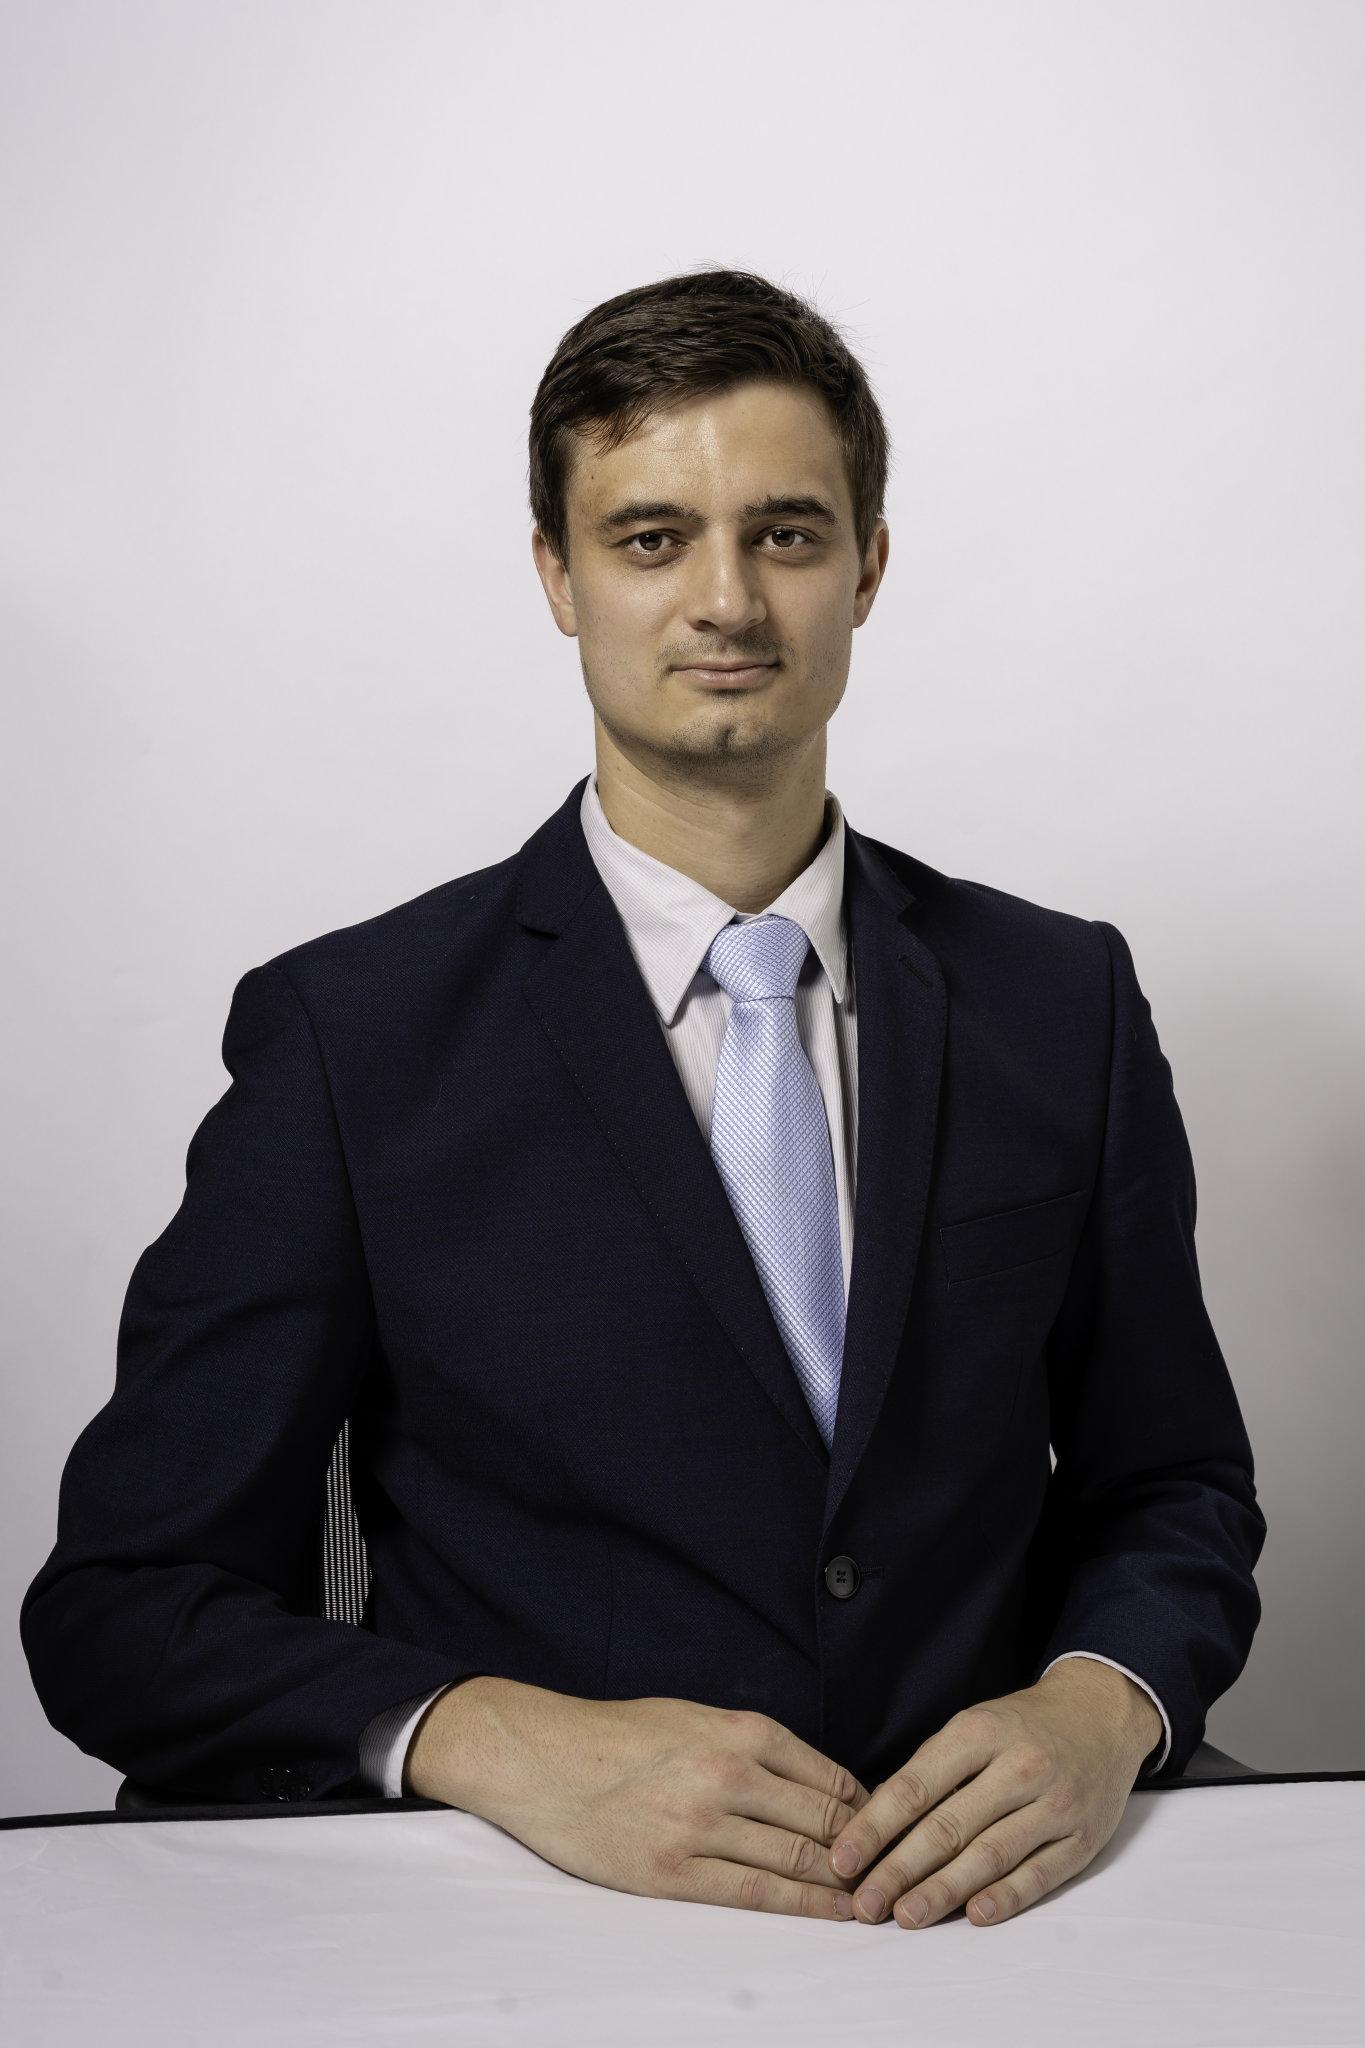 Theodor Pokorný, analytik pro průzkum trhu Colliers